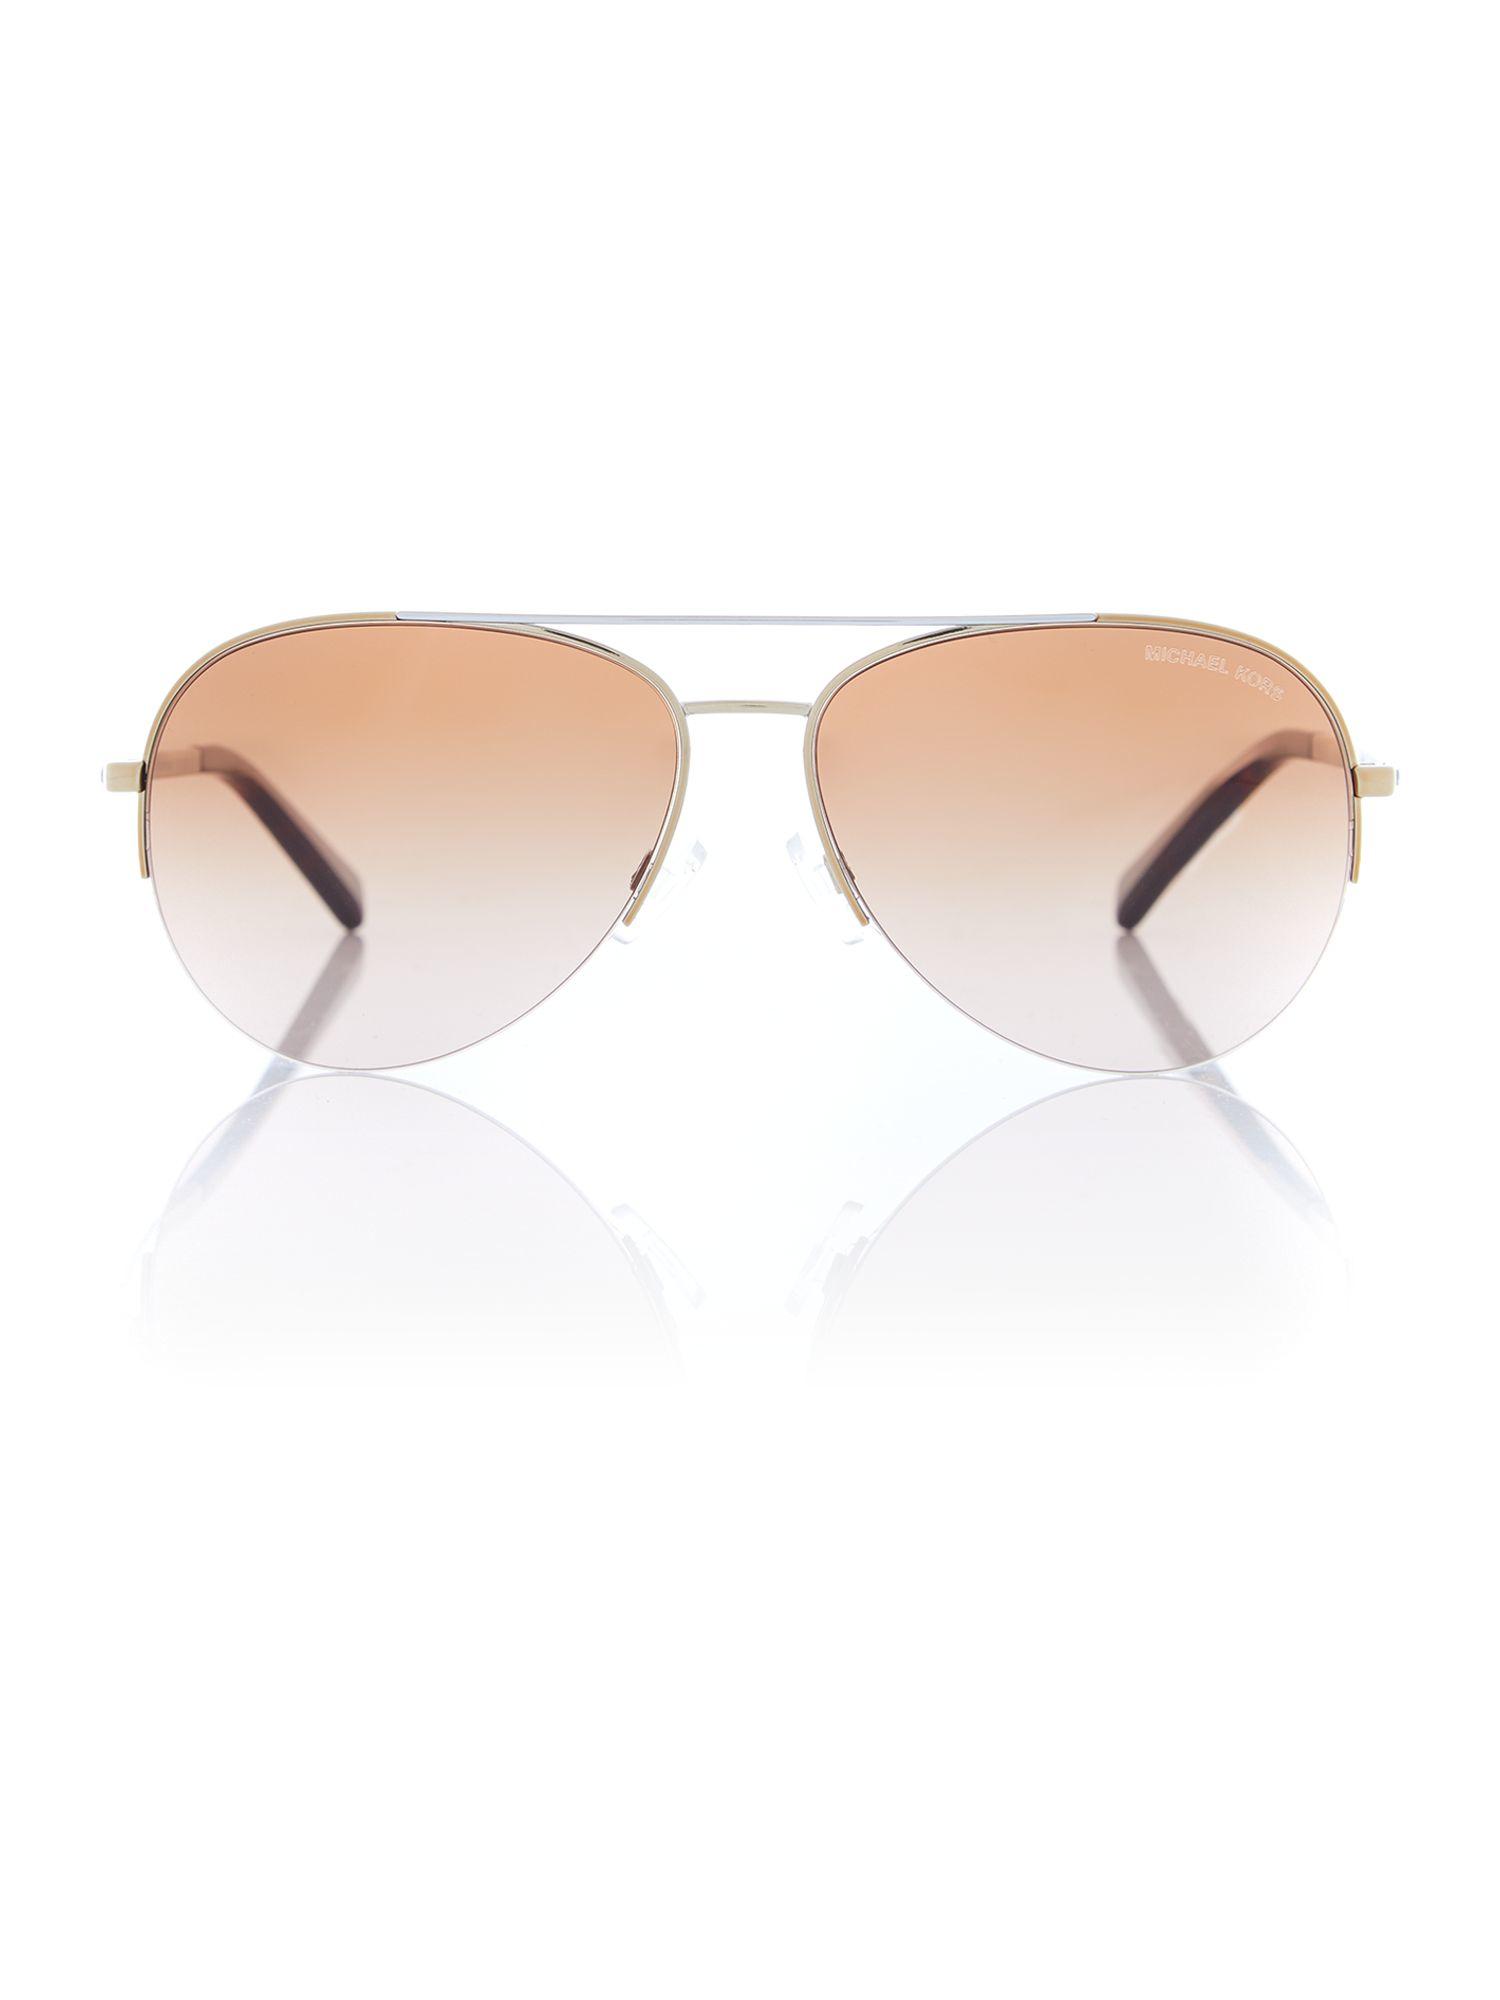 Michael Kors Montrose Sunglasses  michael kors 0mk1001 pilot sunglasses in natural lyst